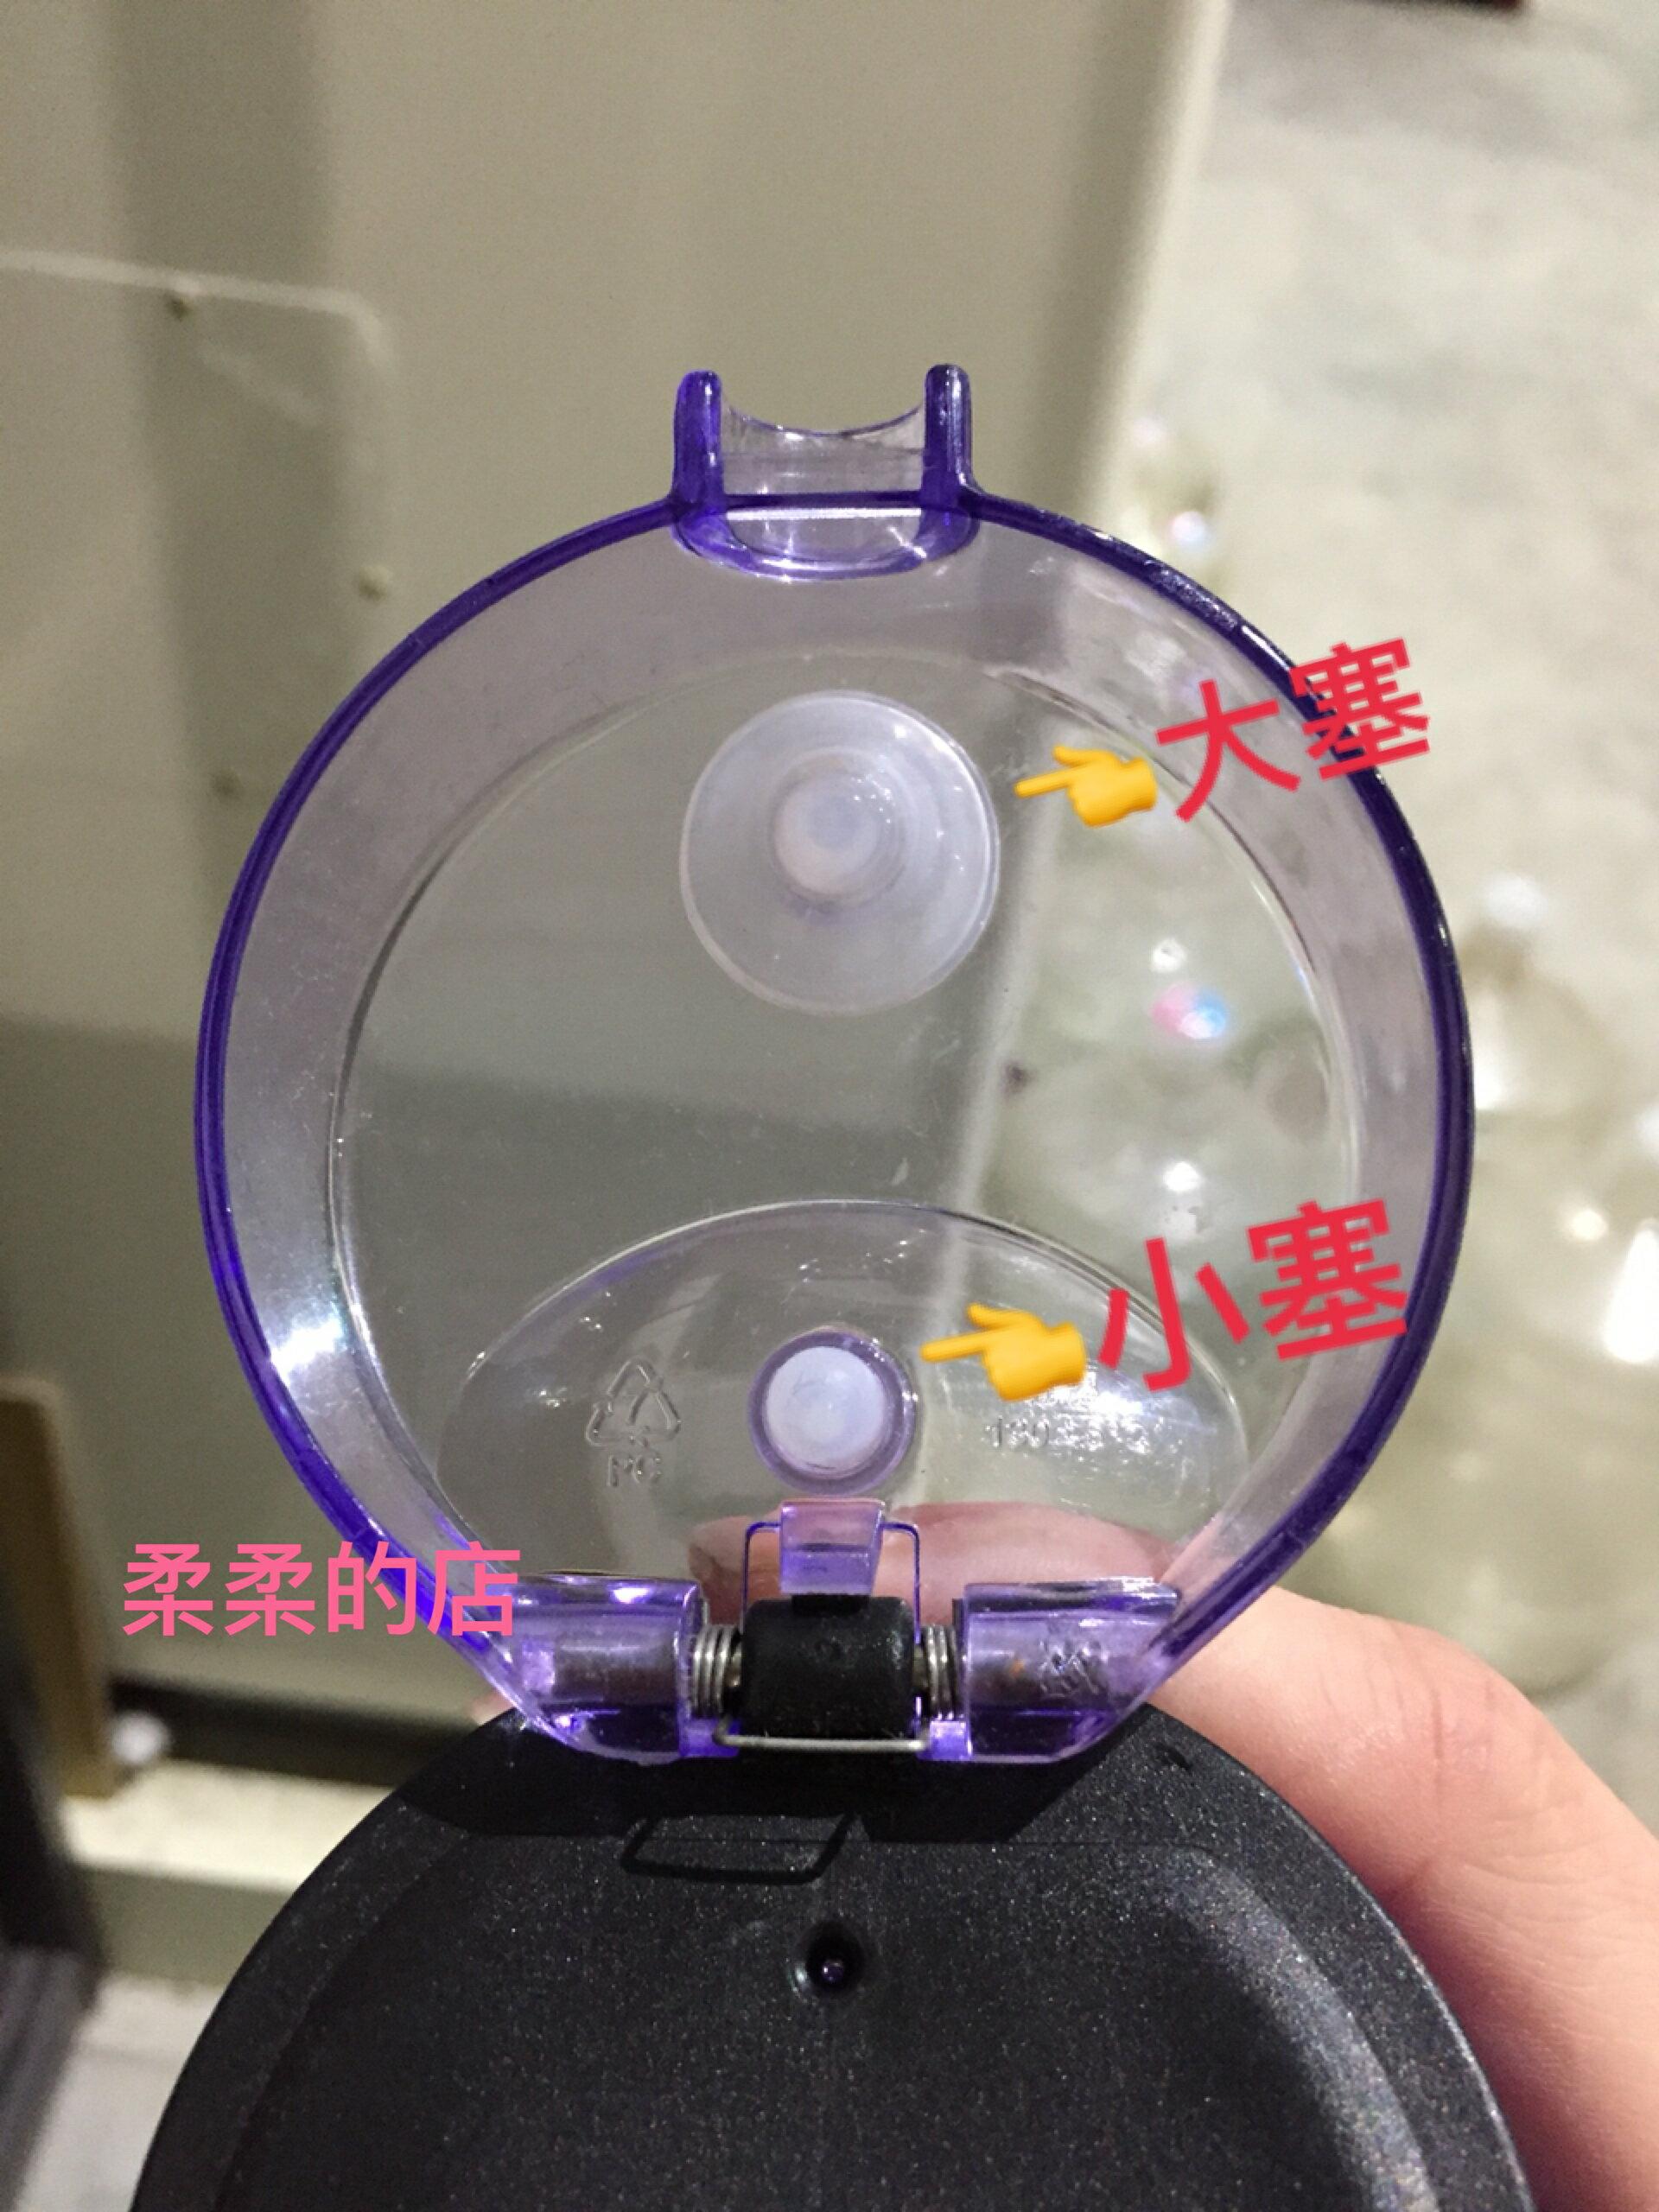 太和工房TR55運動水壺配件區專區上蓋矽膠塞2組35元[柔柔的店